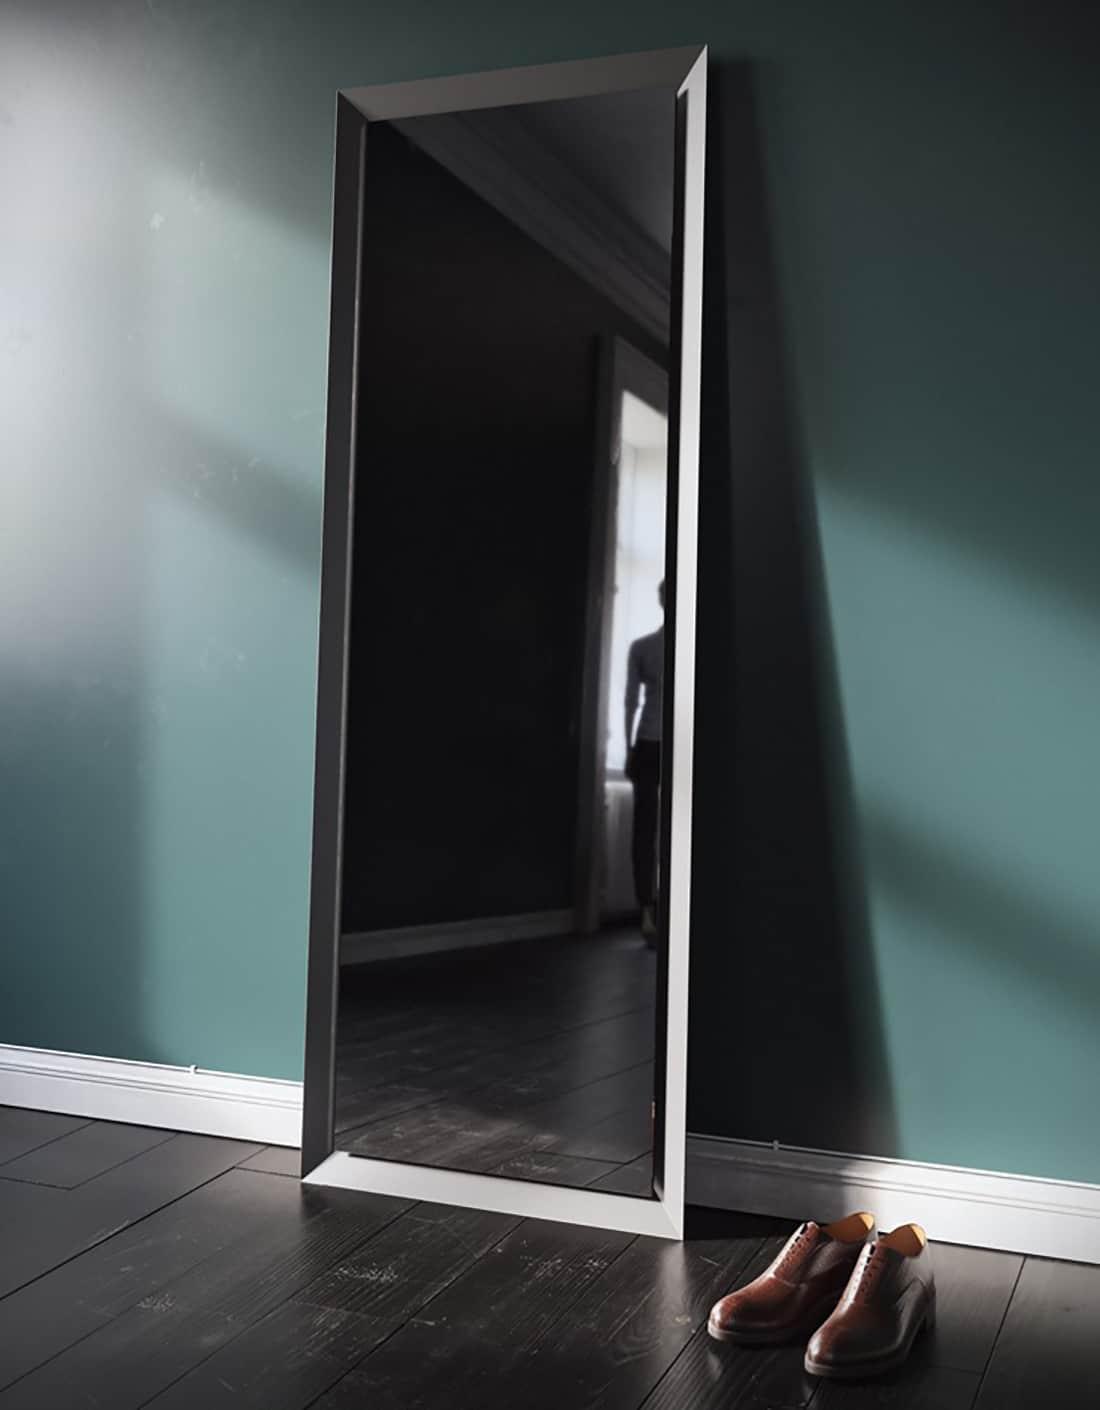 καθρέφτης square tall